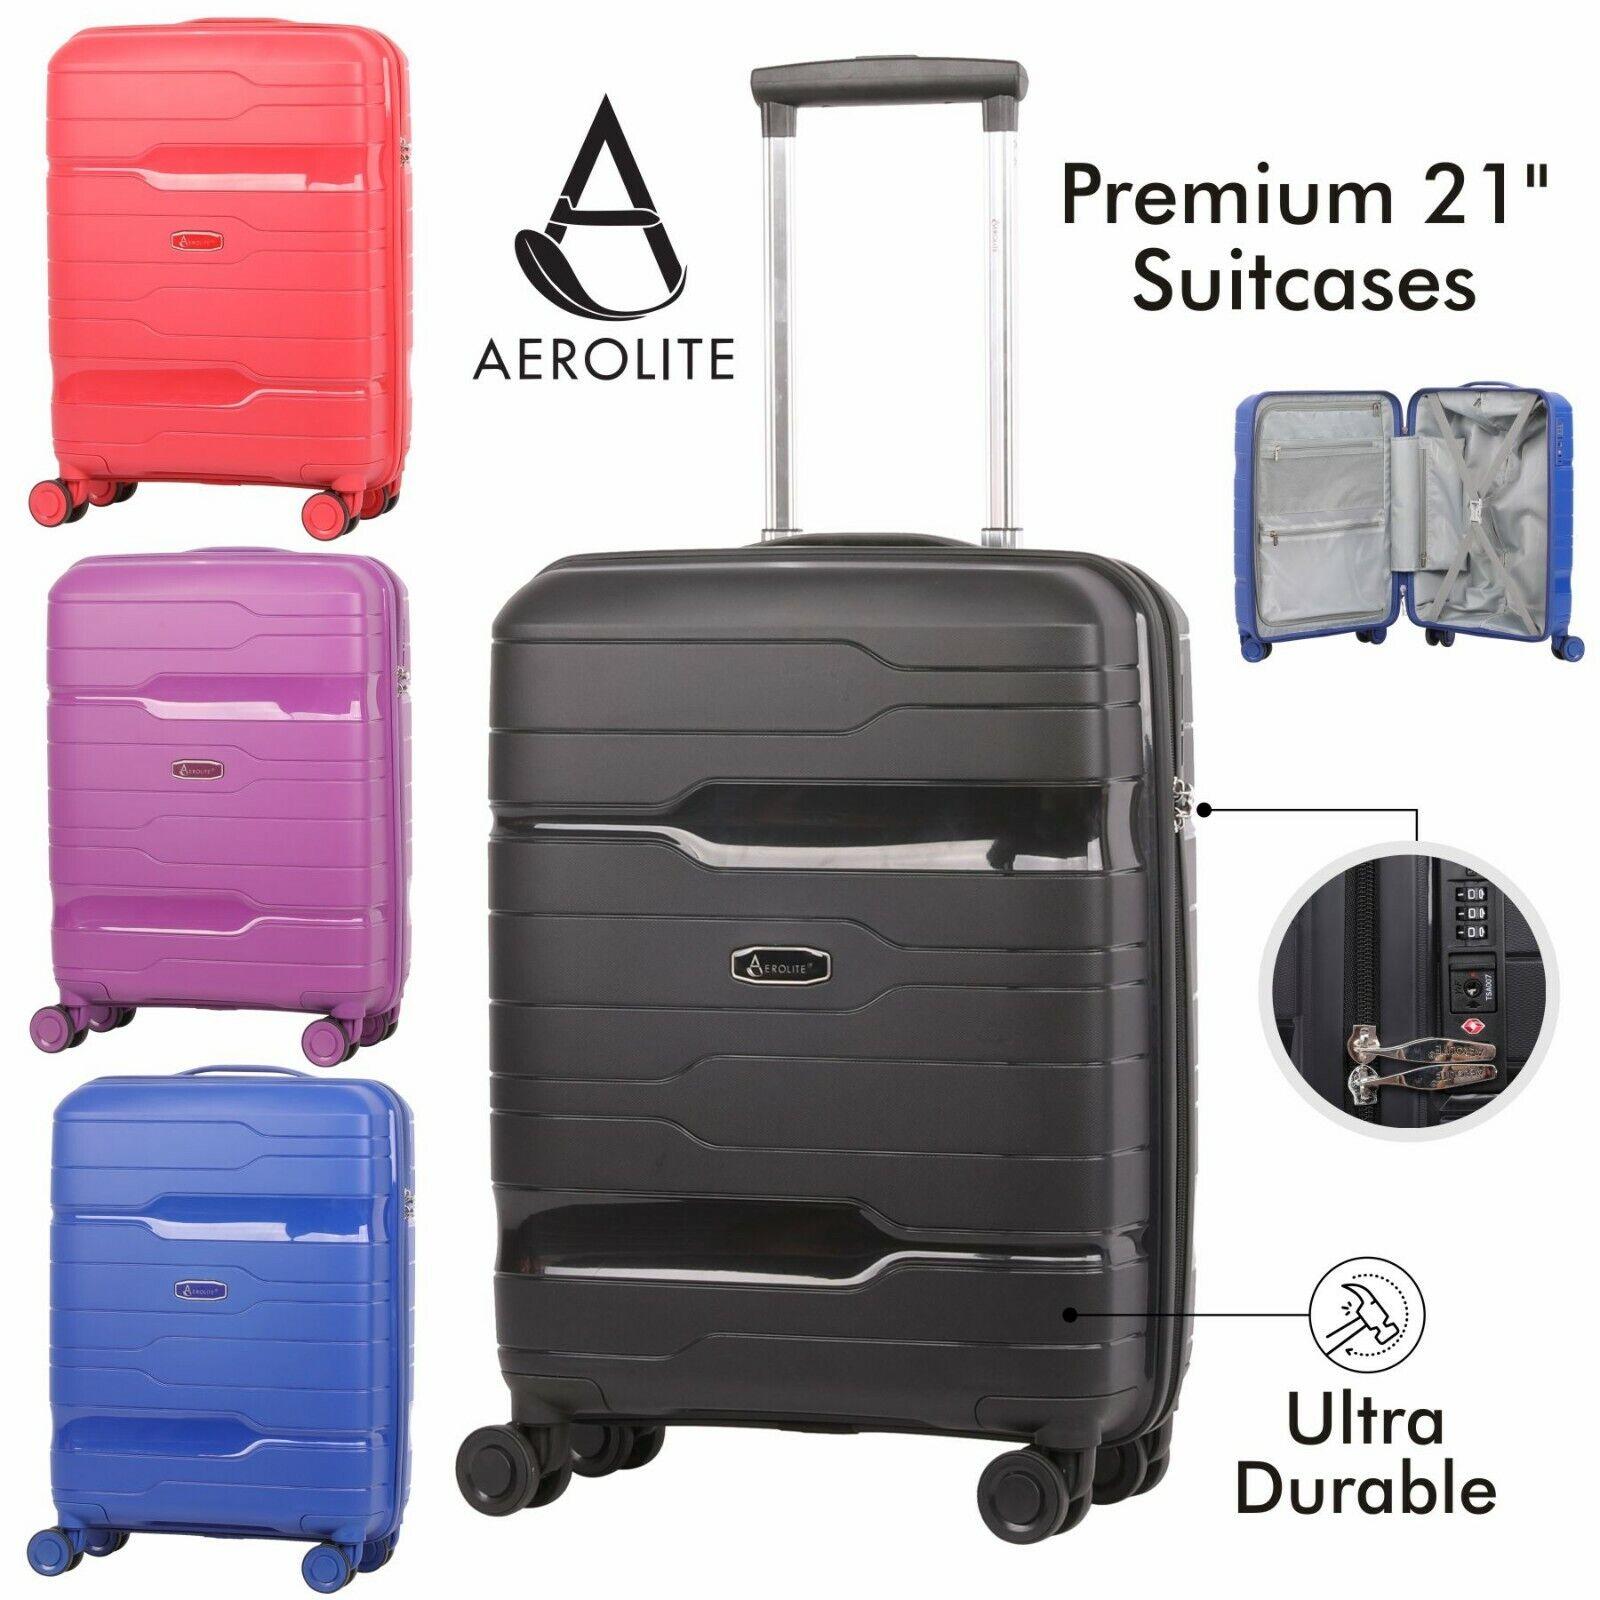 Aerolite 53.3cm Ultra Assicurare Guscio Rigido Bagaglio a Mano Mano Mano Carry On Tsa  garanzia di qualità